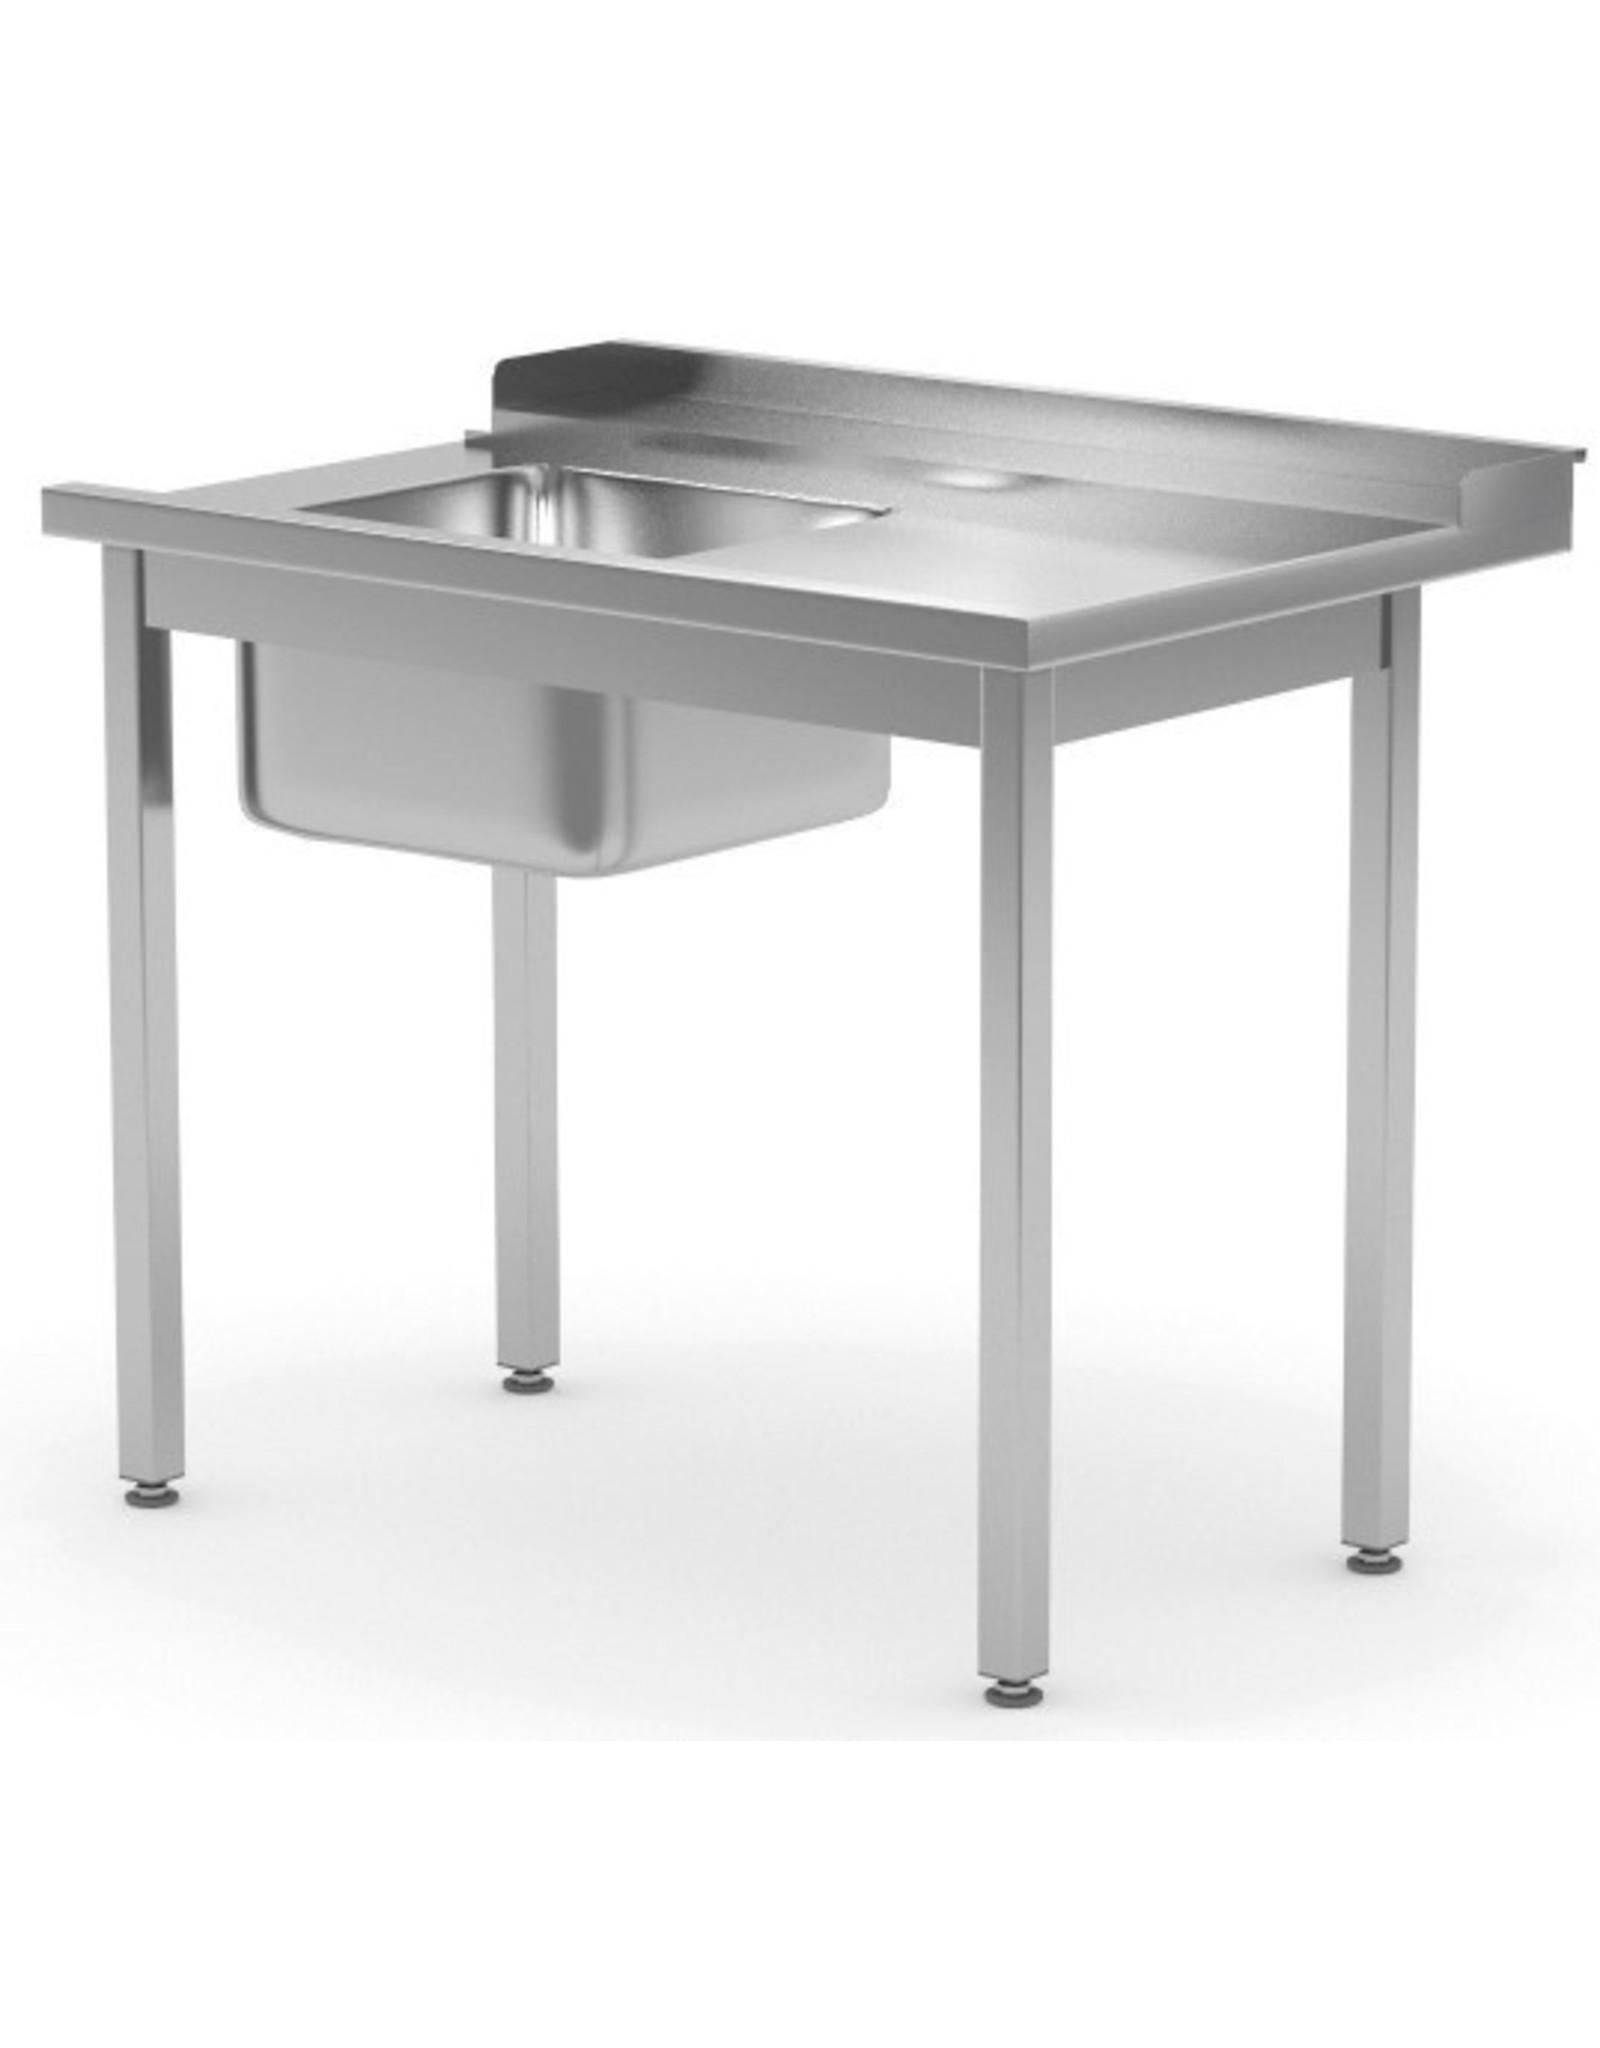 Aanvoertafel doorschuifvaatwasser | open onderkant | rechts van vaatwasser | 800-1400mm breed | 700 of 760mm diep